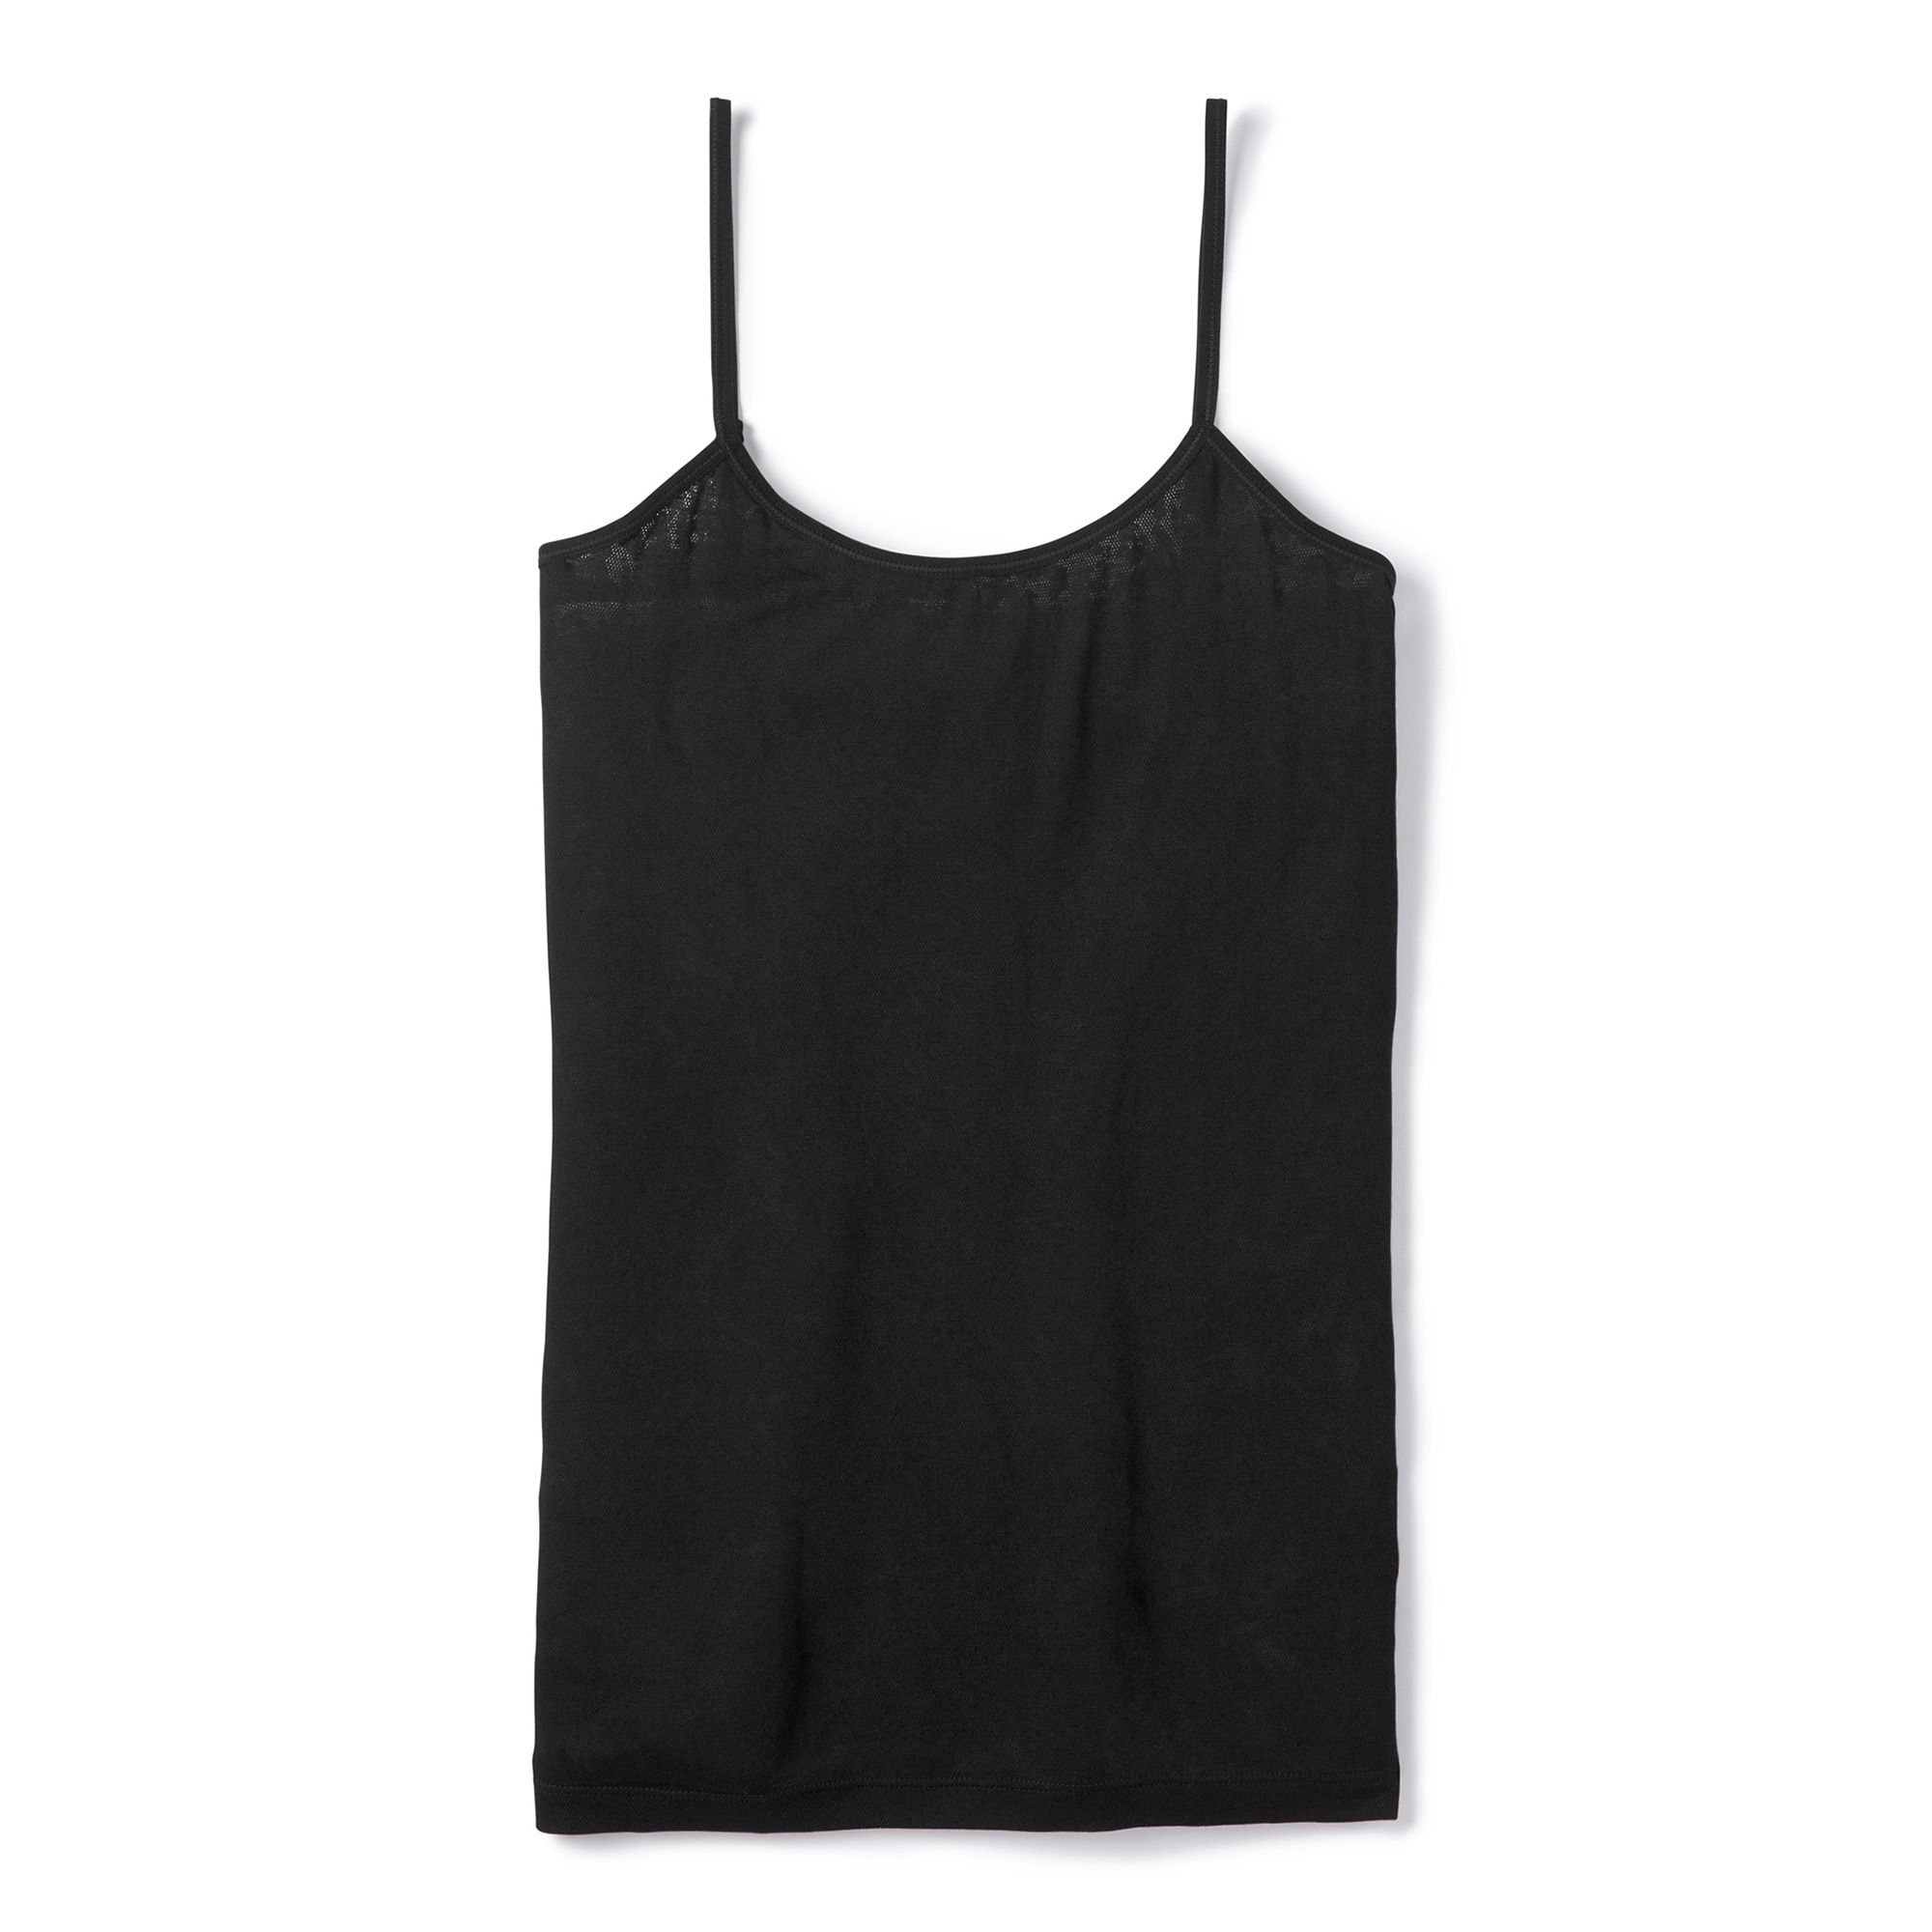 Vêtement de base sans manches façon dentelle Merino 150 pour femmes